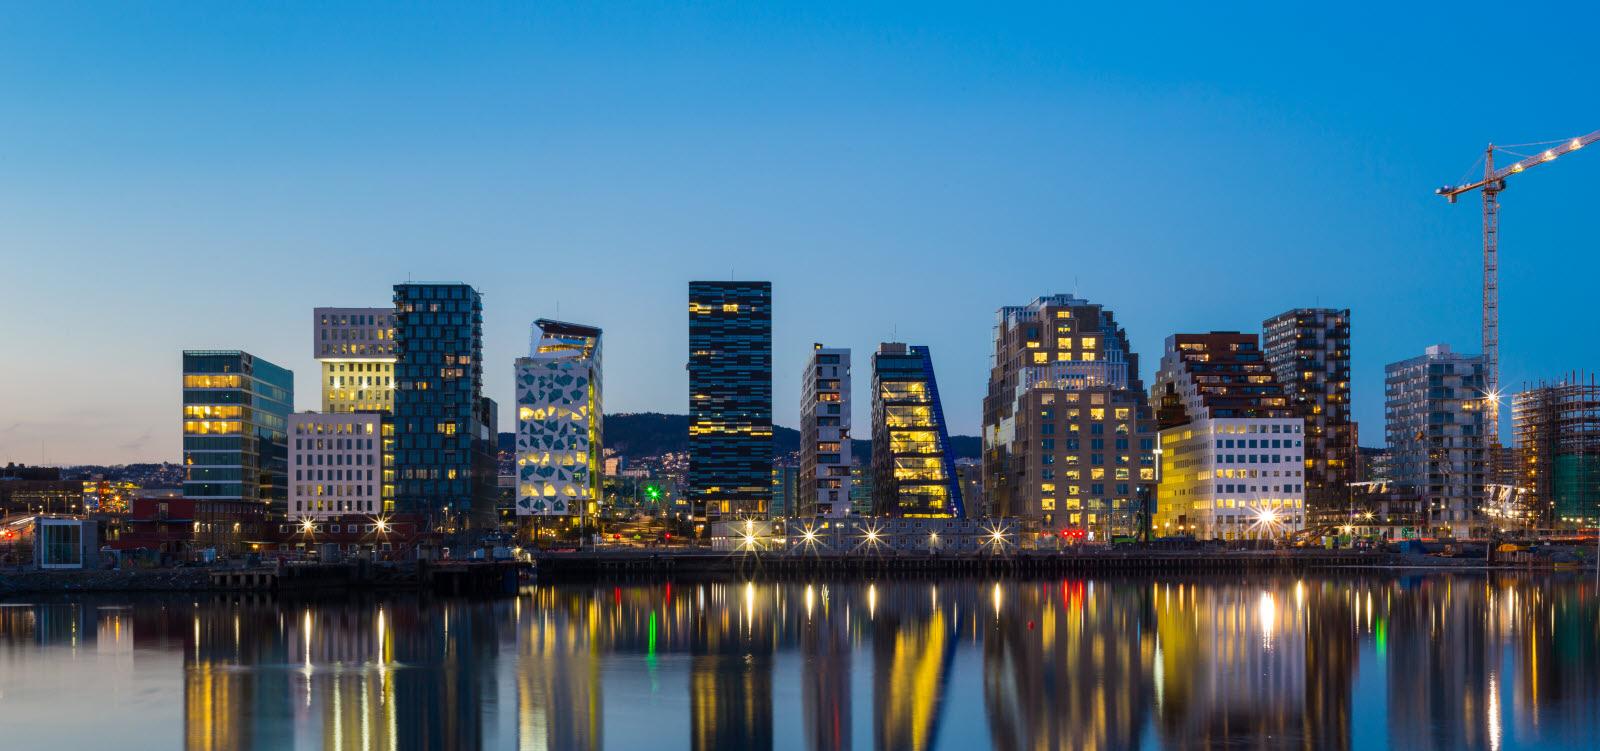 Норвегия. Осло. Источник http://www.whitelioncn.com/